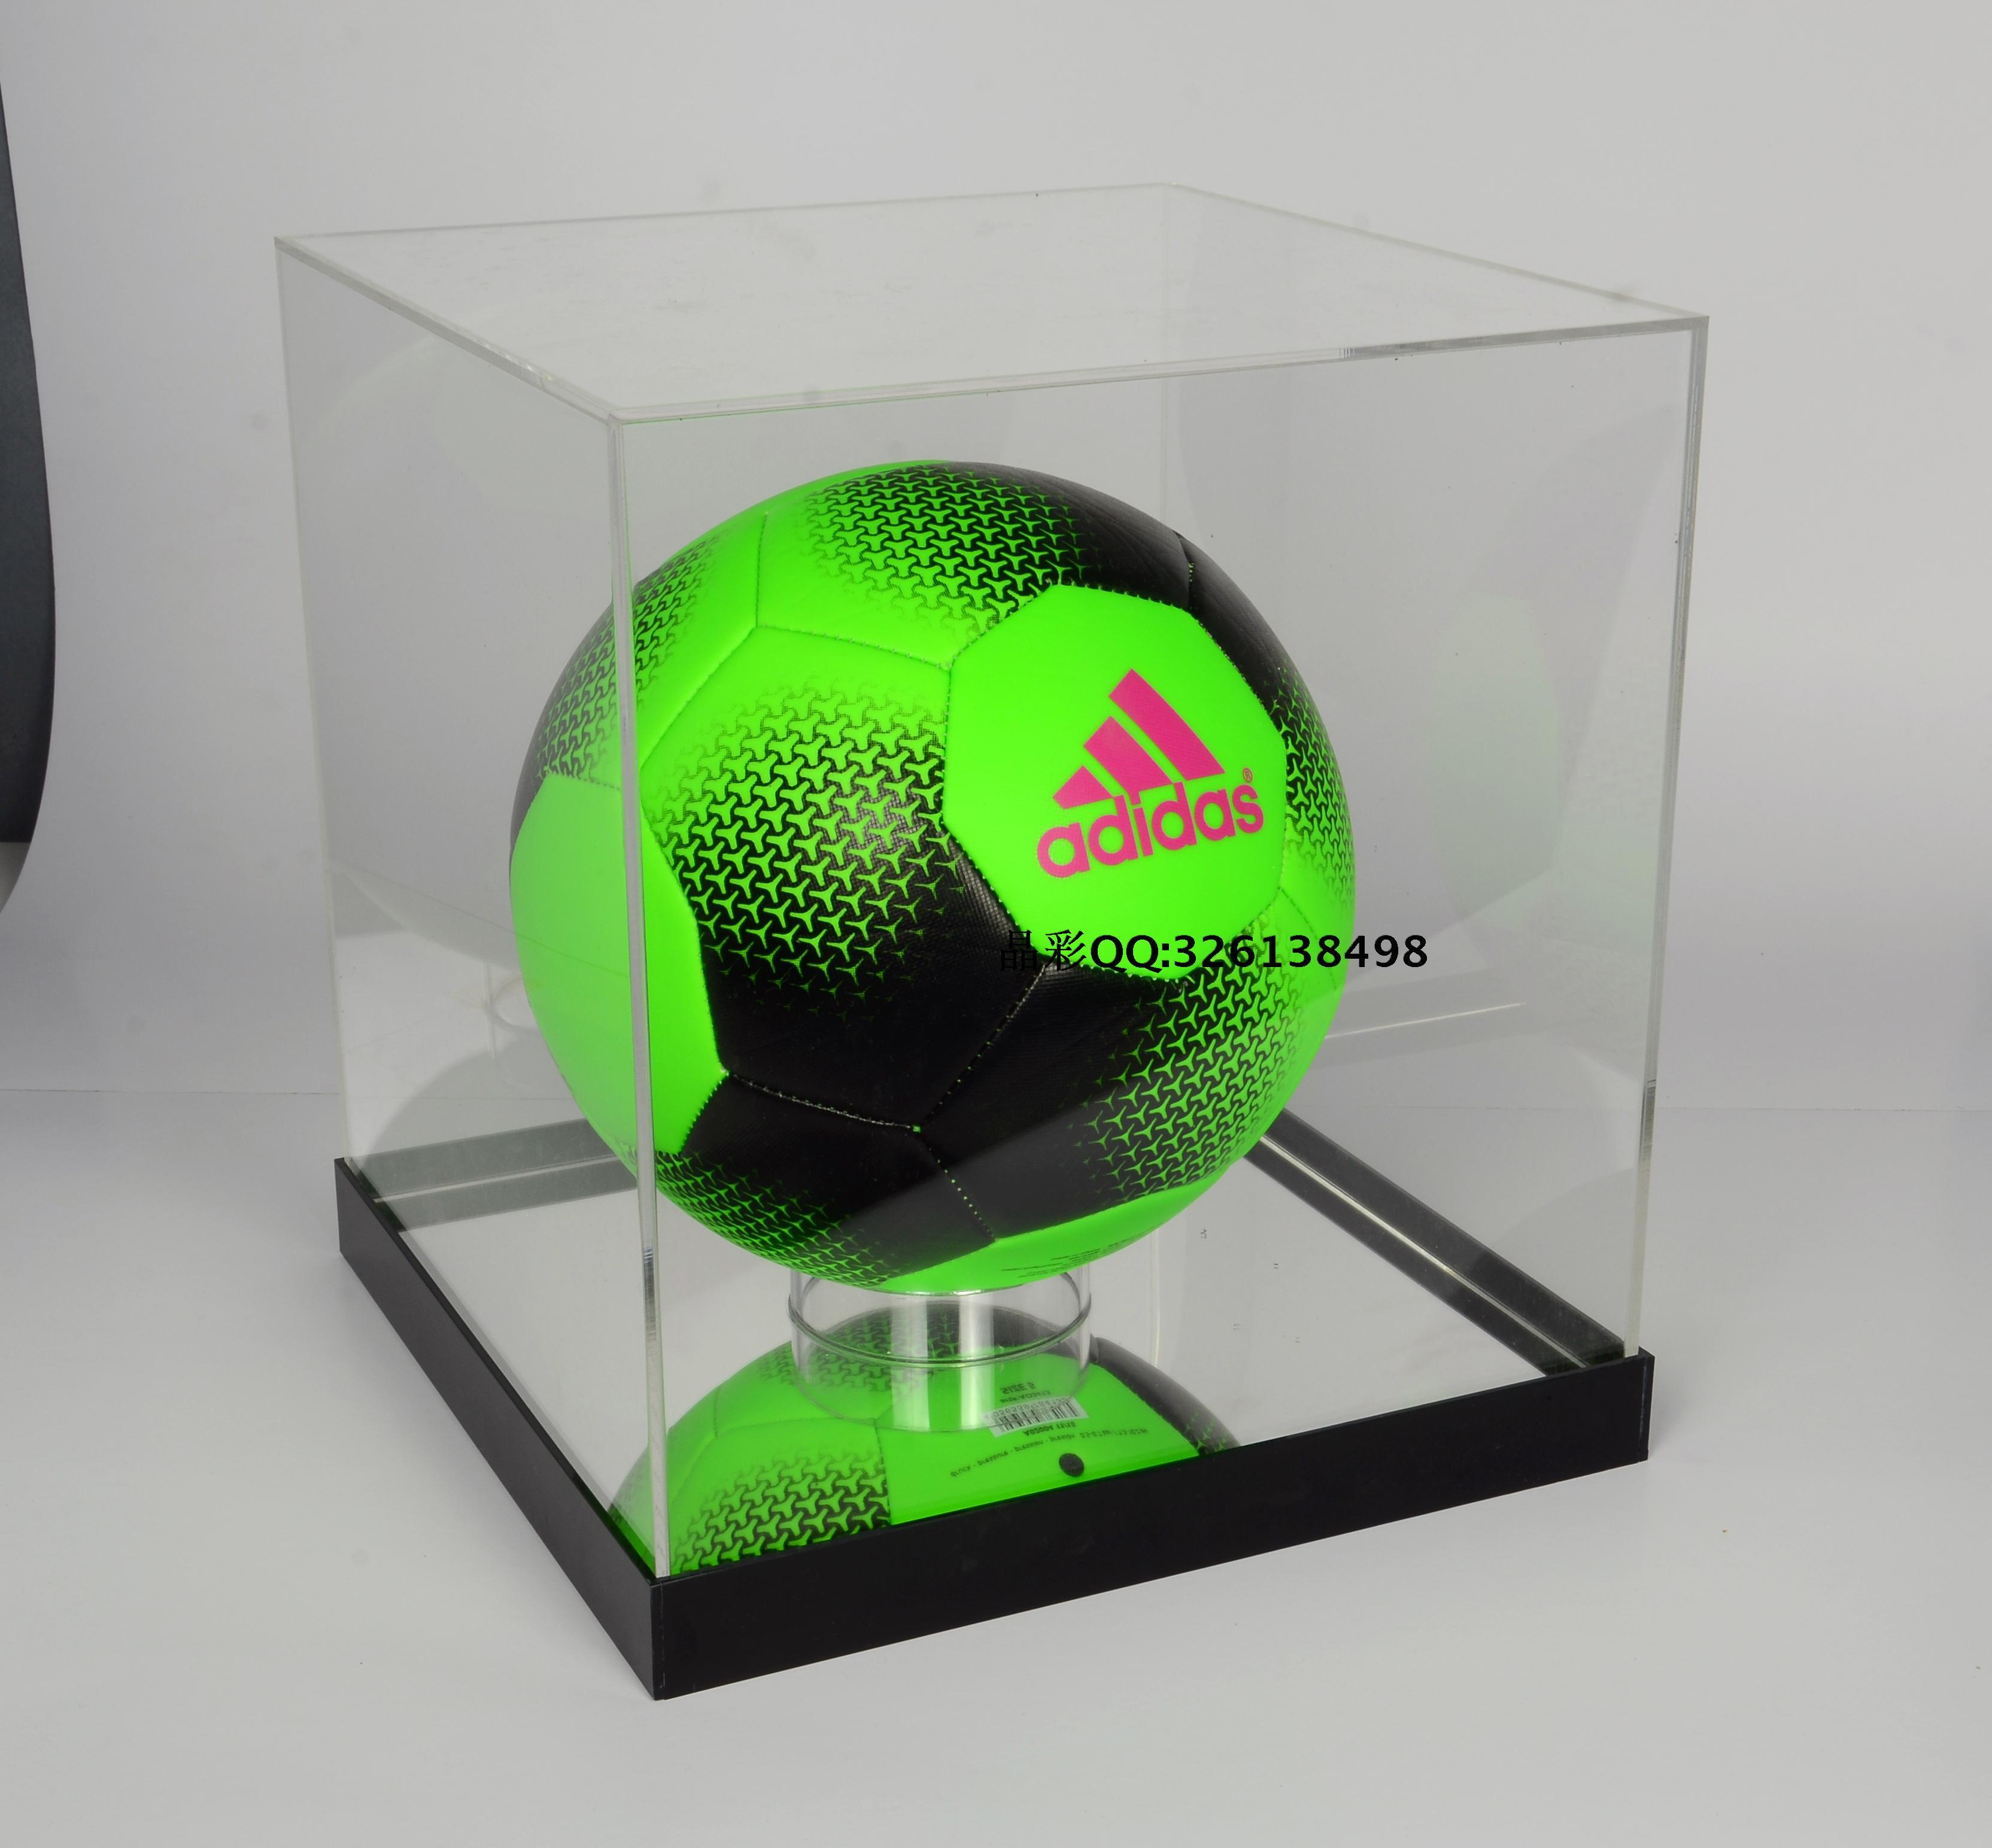 欧冠签名篮球足球排球托类透明亚克力防尘抗氧化收藏收纳展示盒架